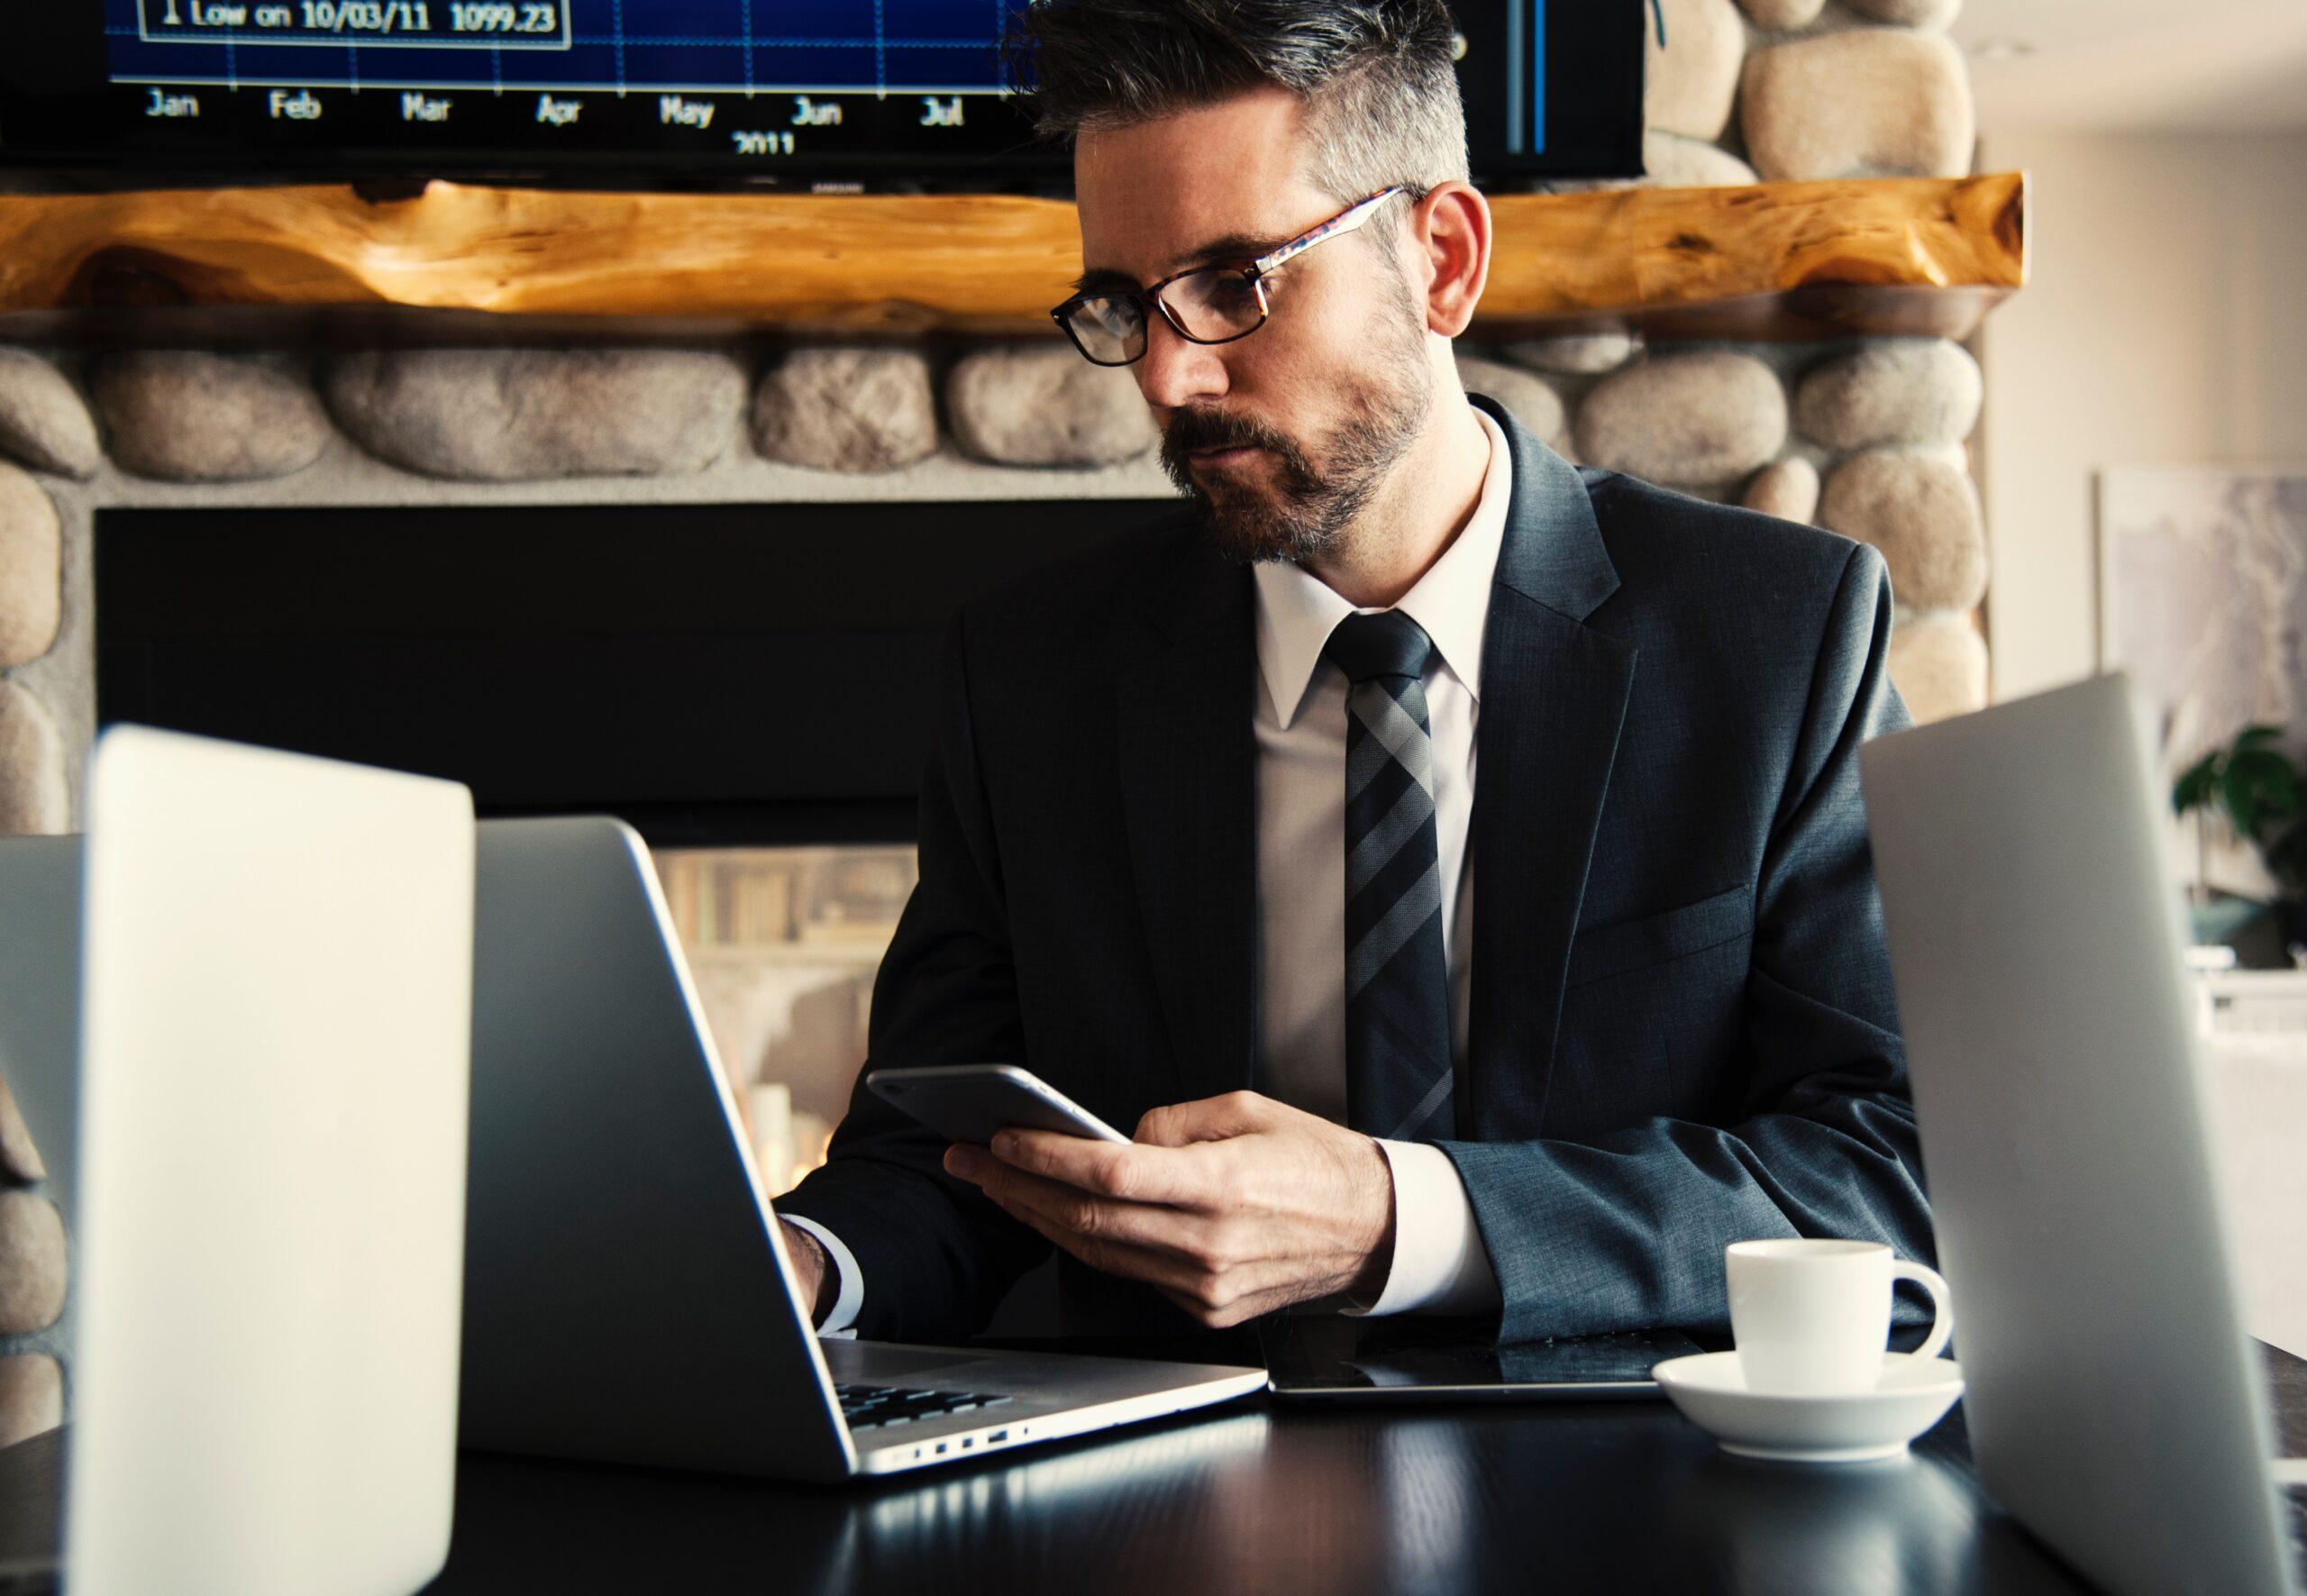 Le coaching des chefs d'entreprise pour le renouvellement des pratiques managériales ?